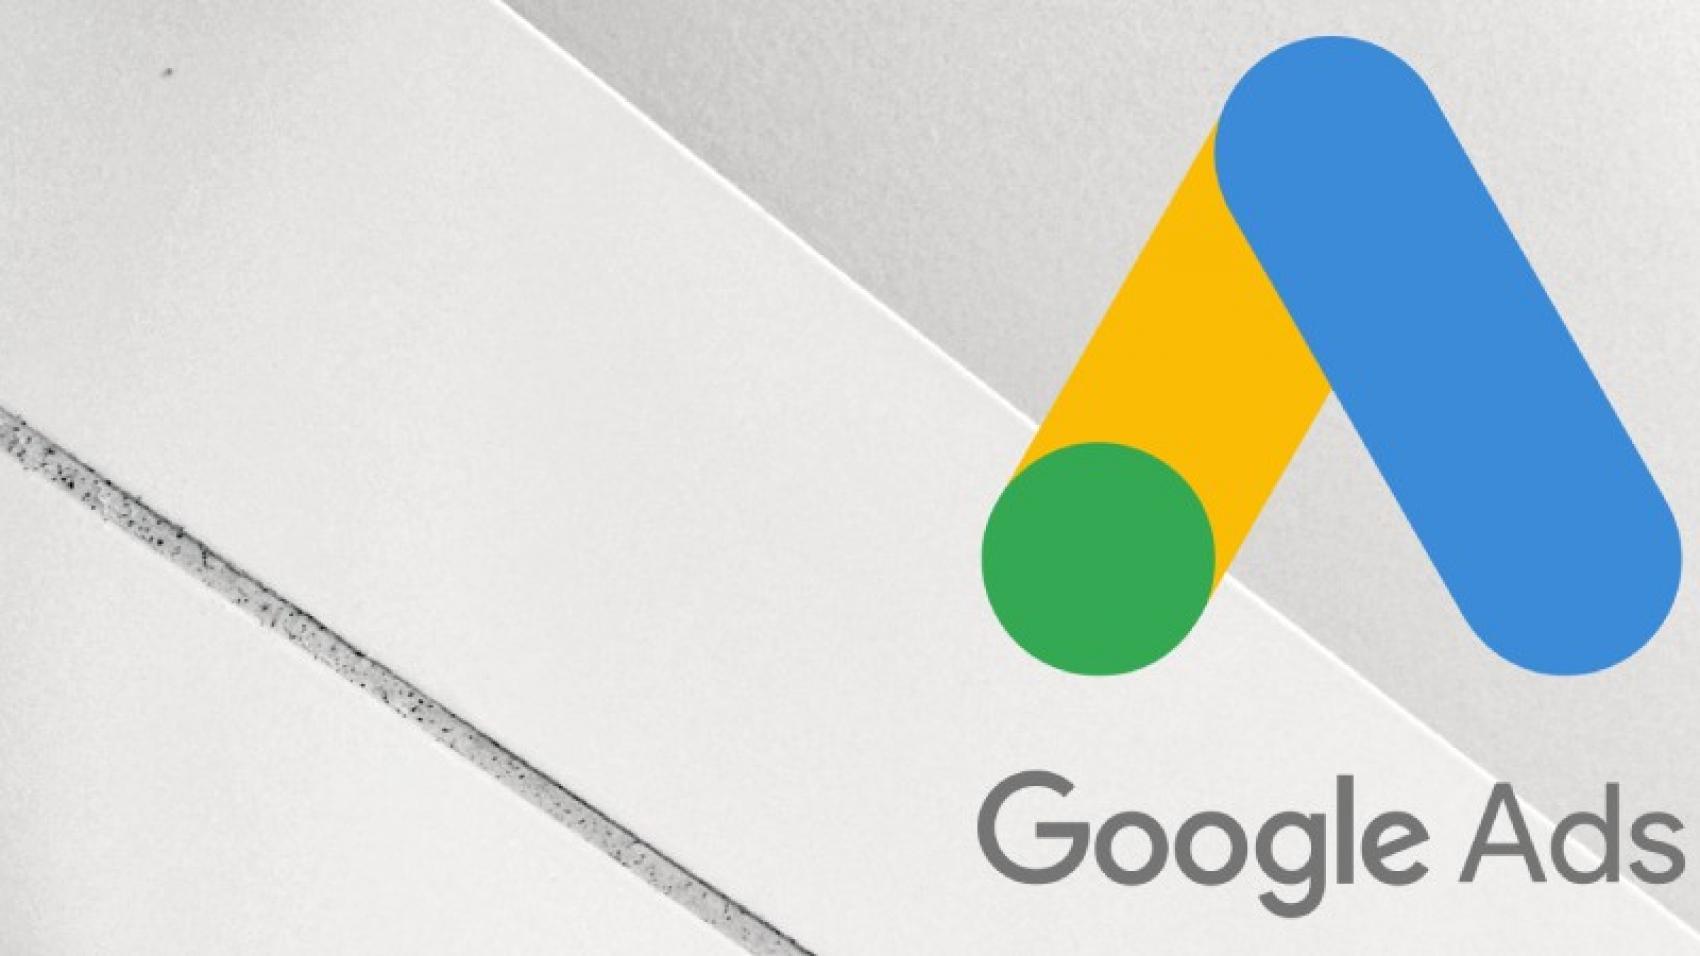 Атрибуция на основе данных в Google Ads станет моделью по умолчанию